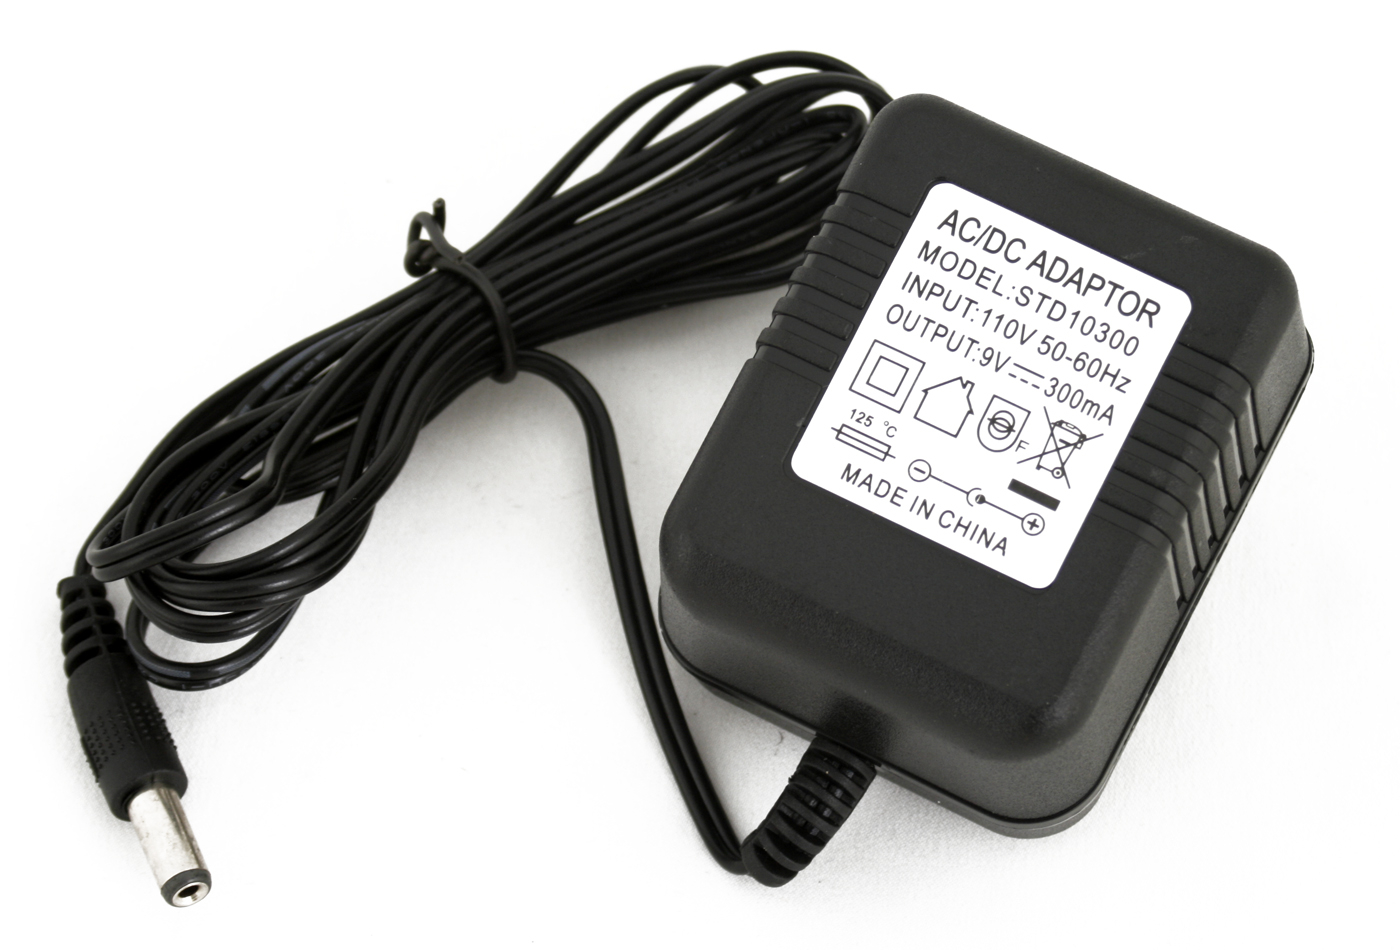 【小叮噹的店】 電子琴 電源線 變壓器300ma MK-300